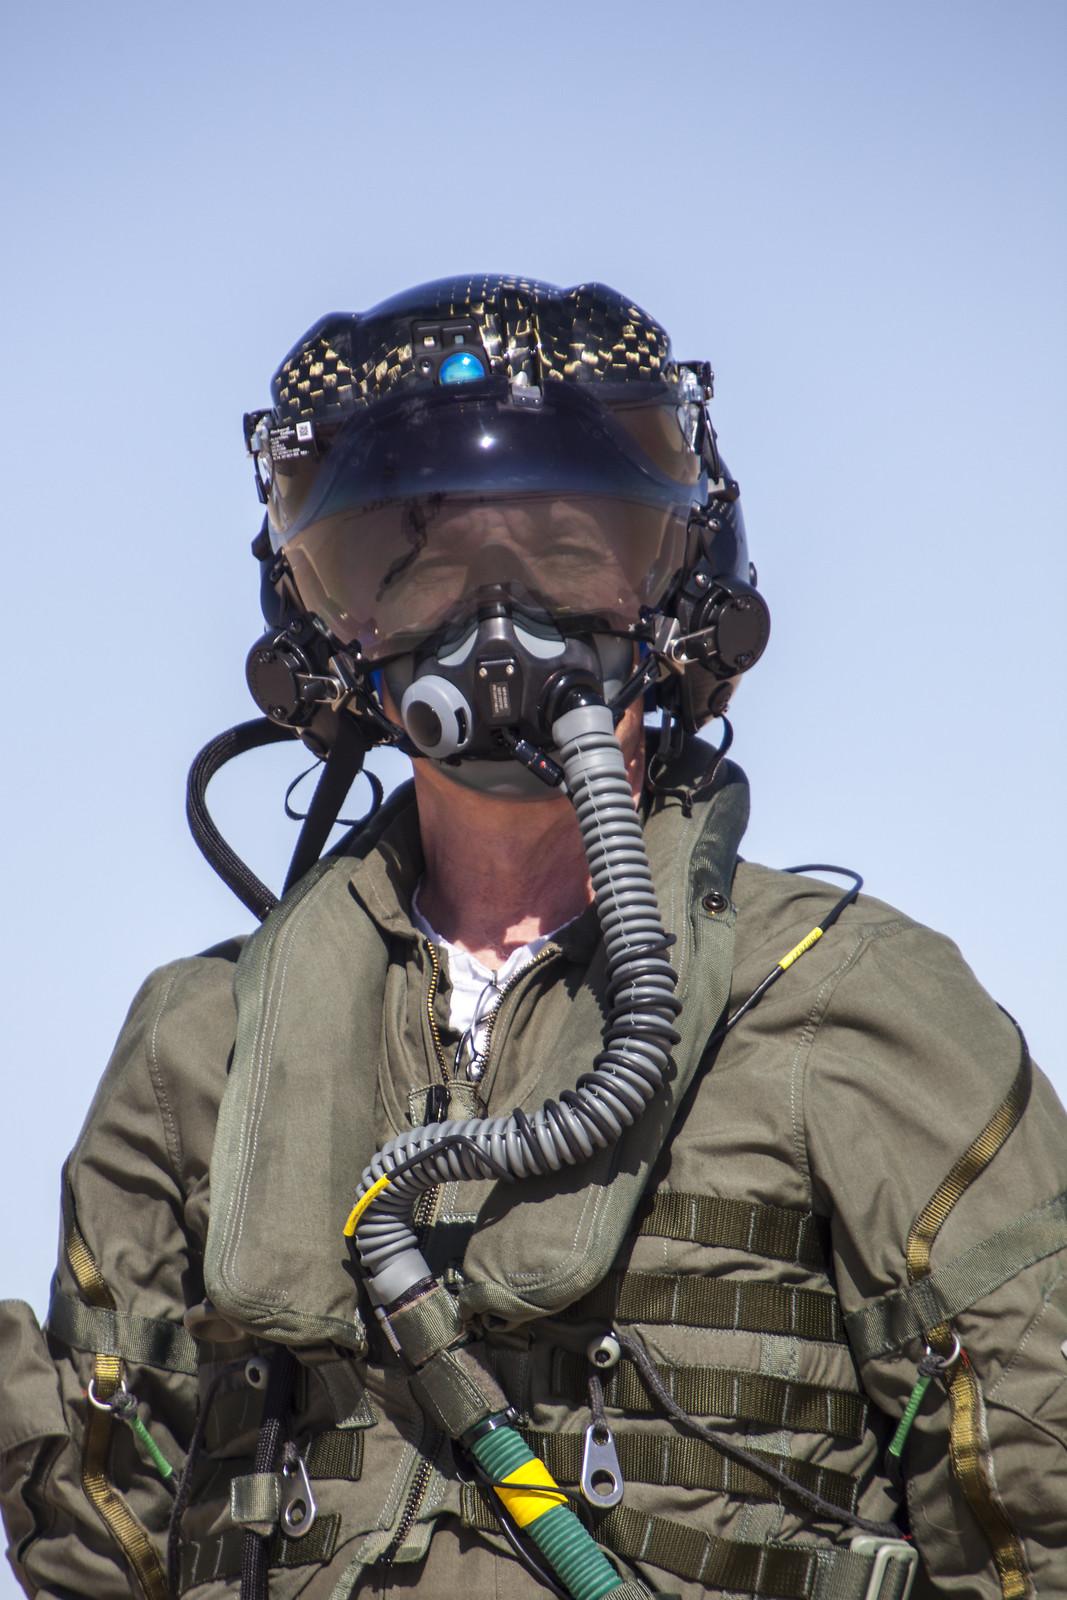 Gen III Helmet